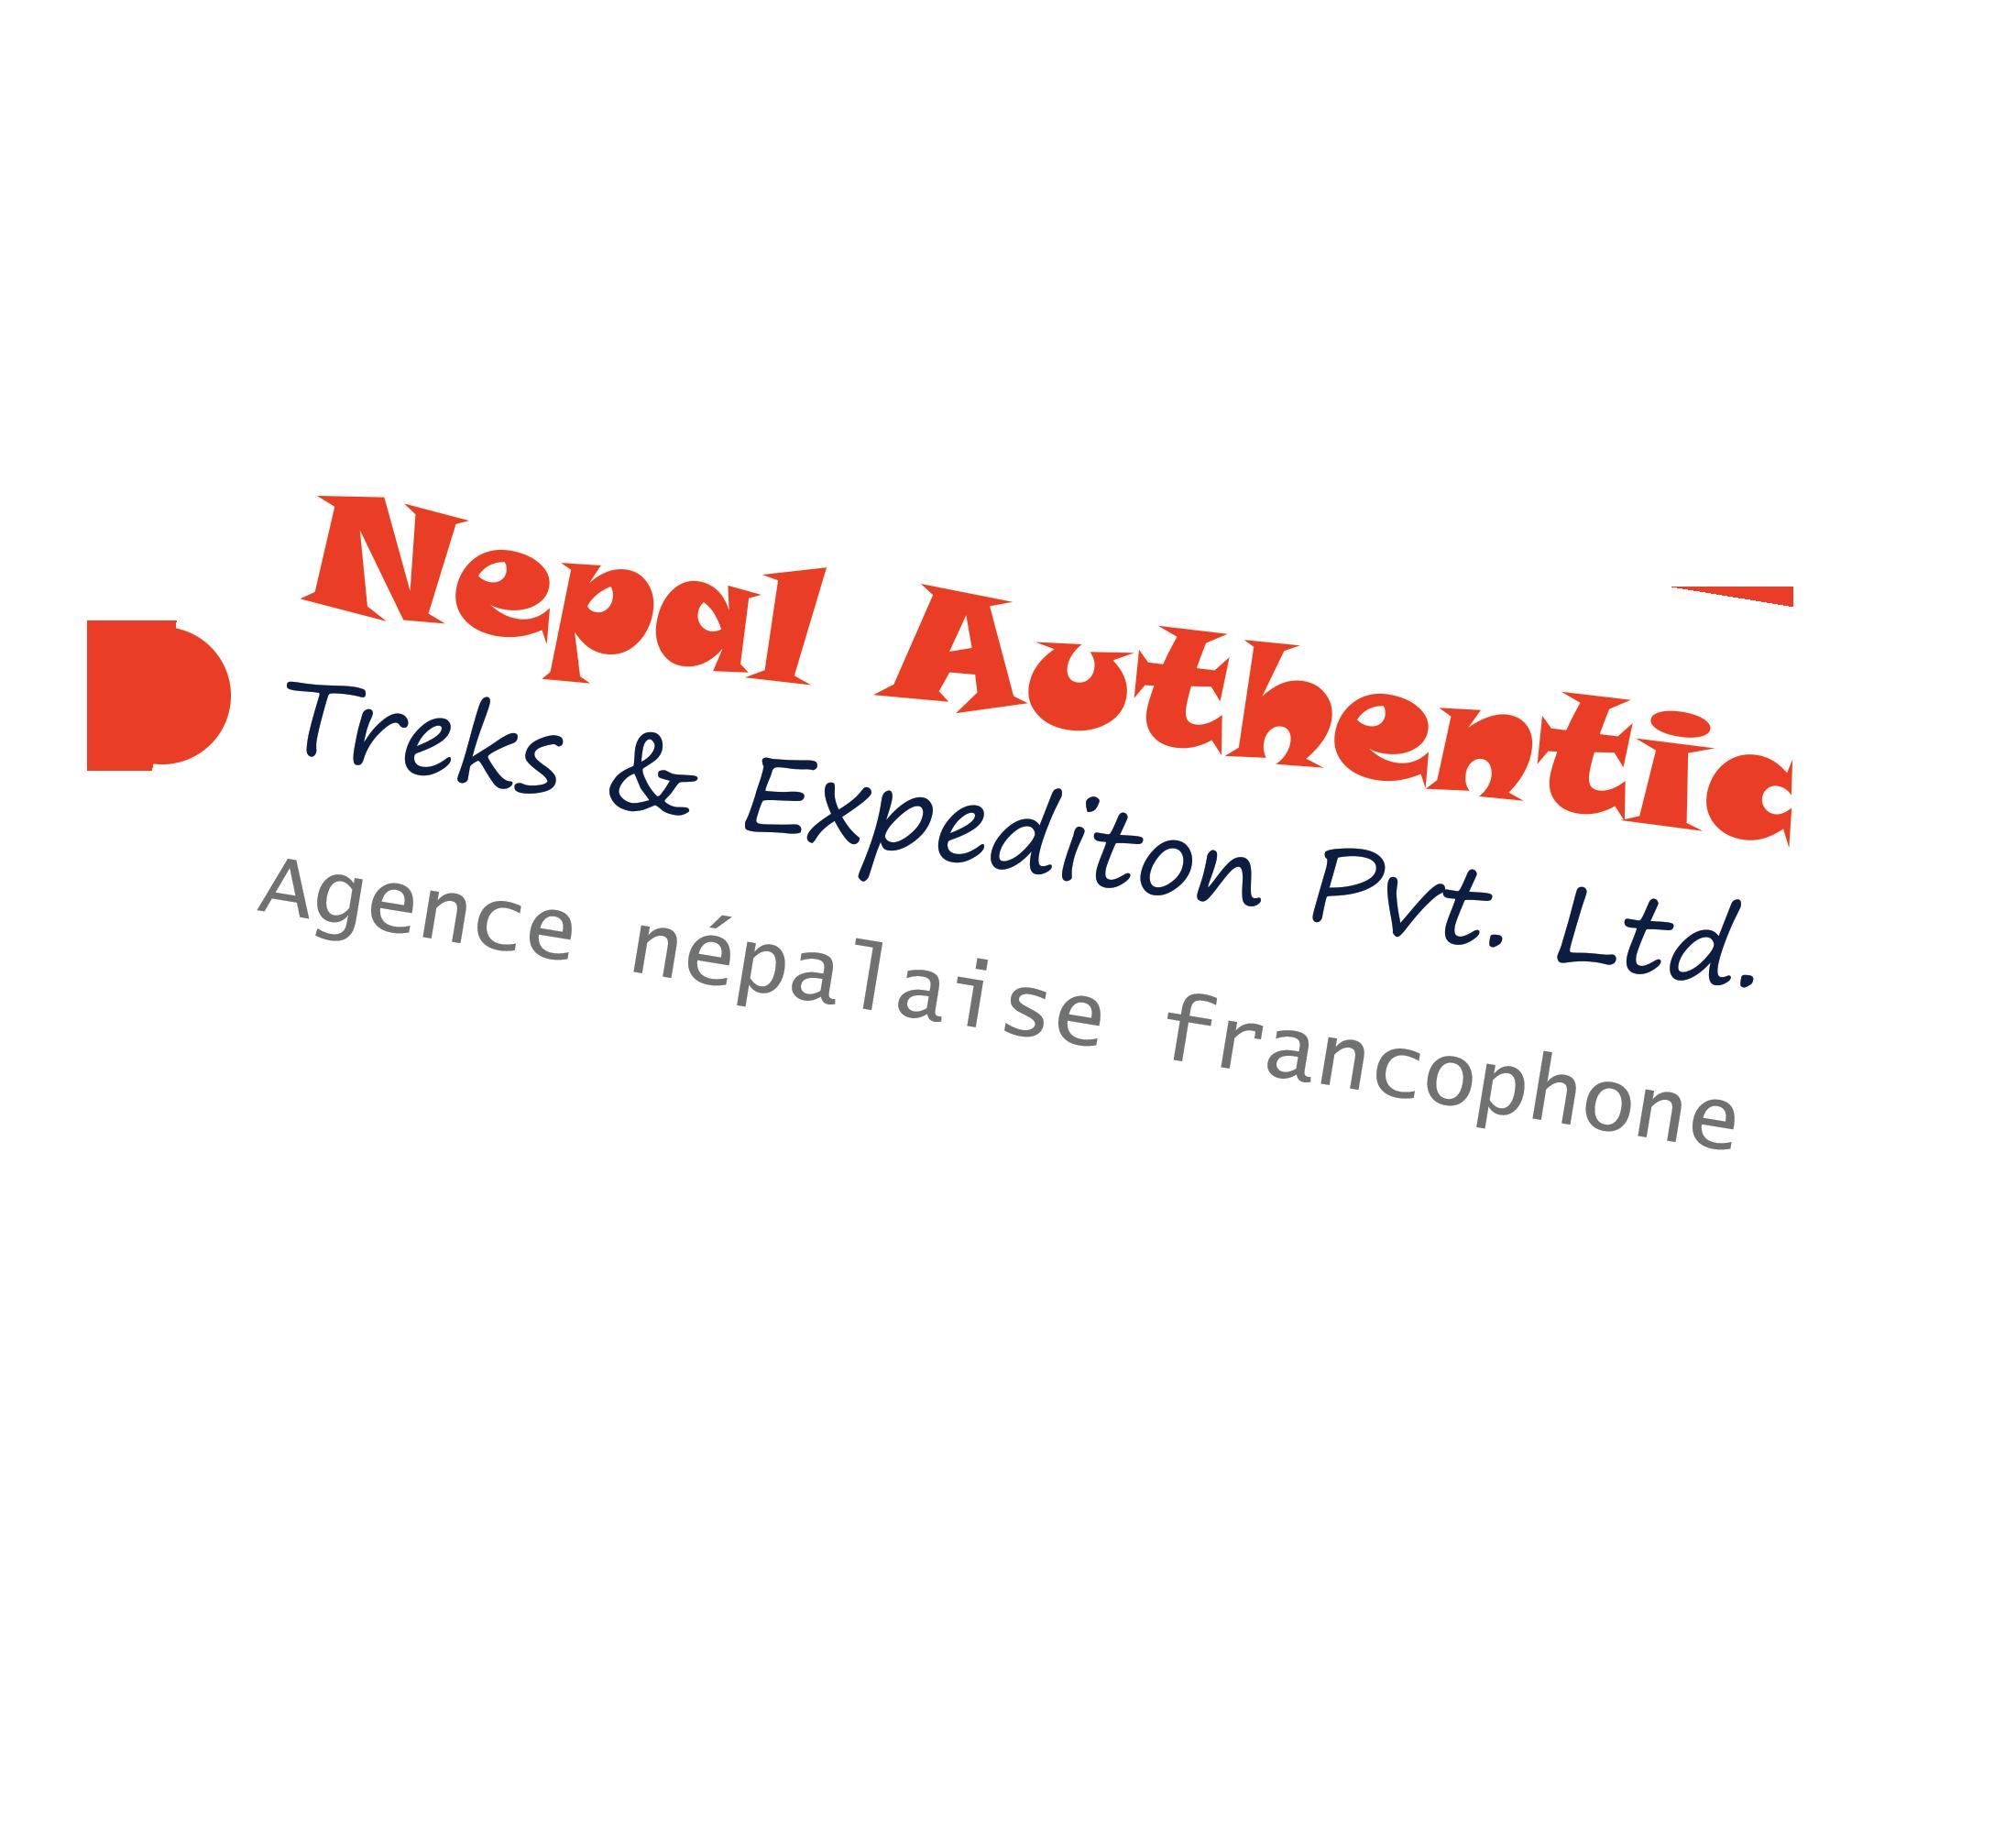 Nepal Authentic Treks